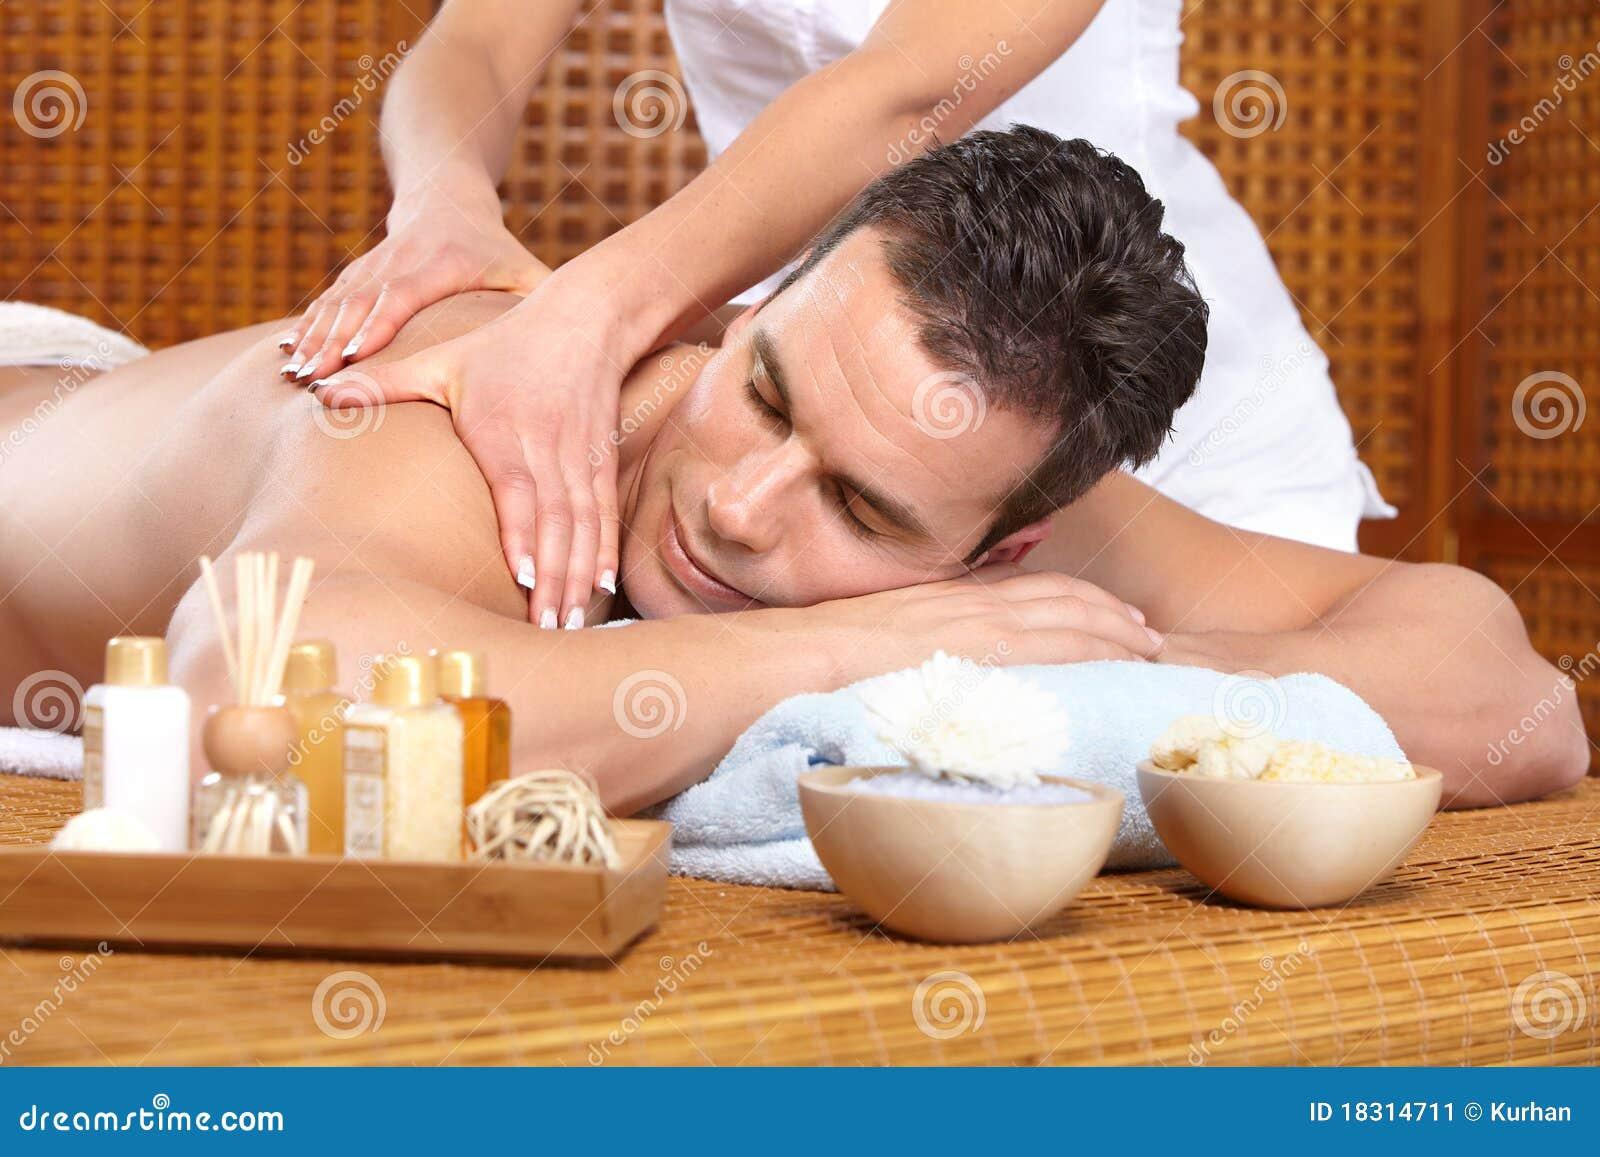 Эротический массаж спб купон 20 фотография